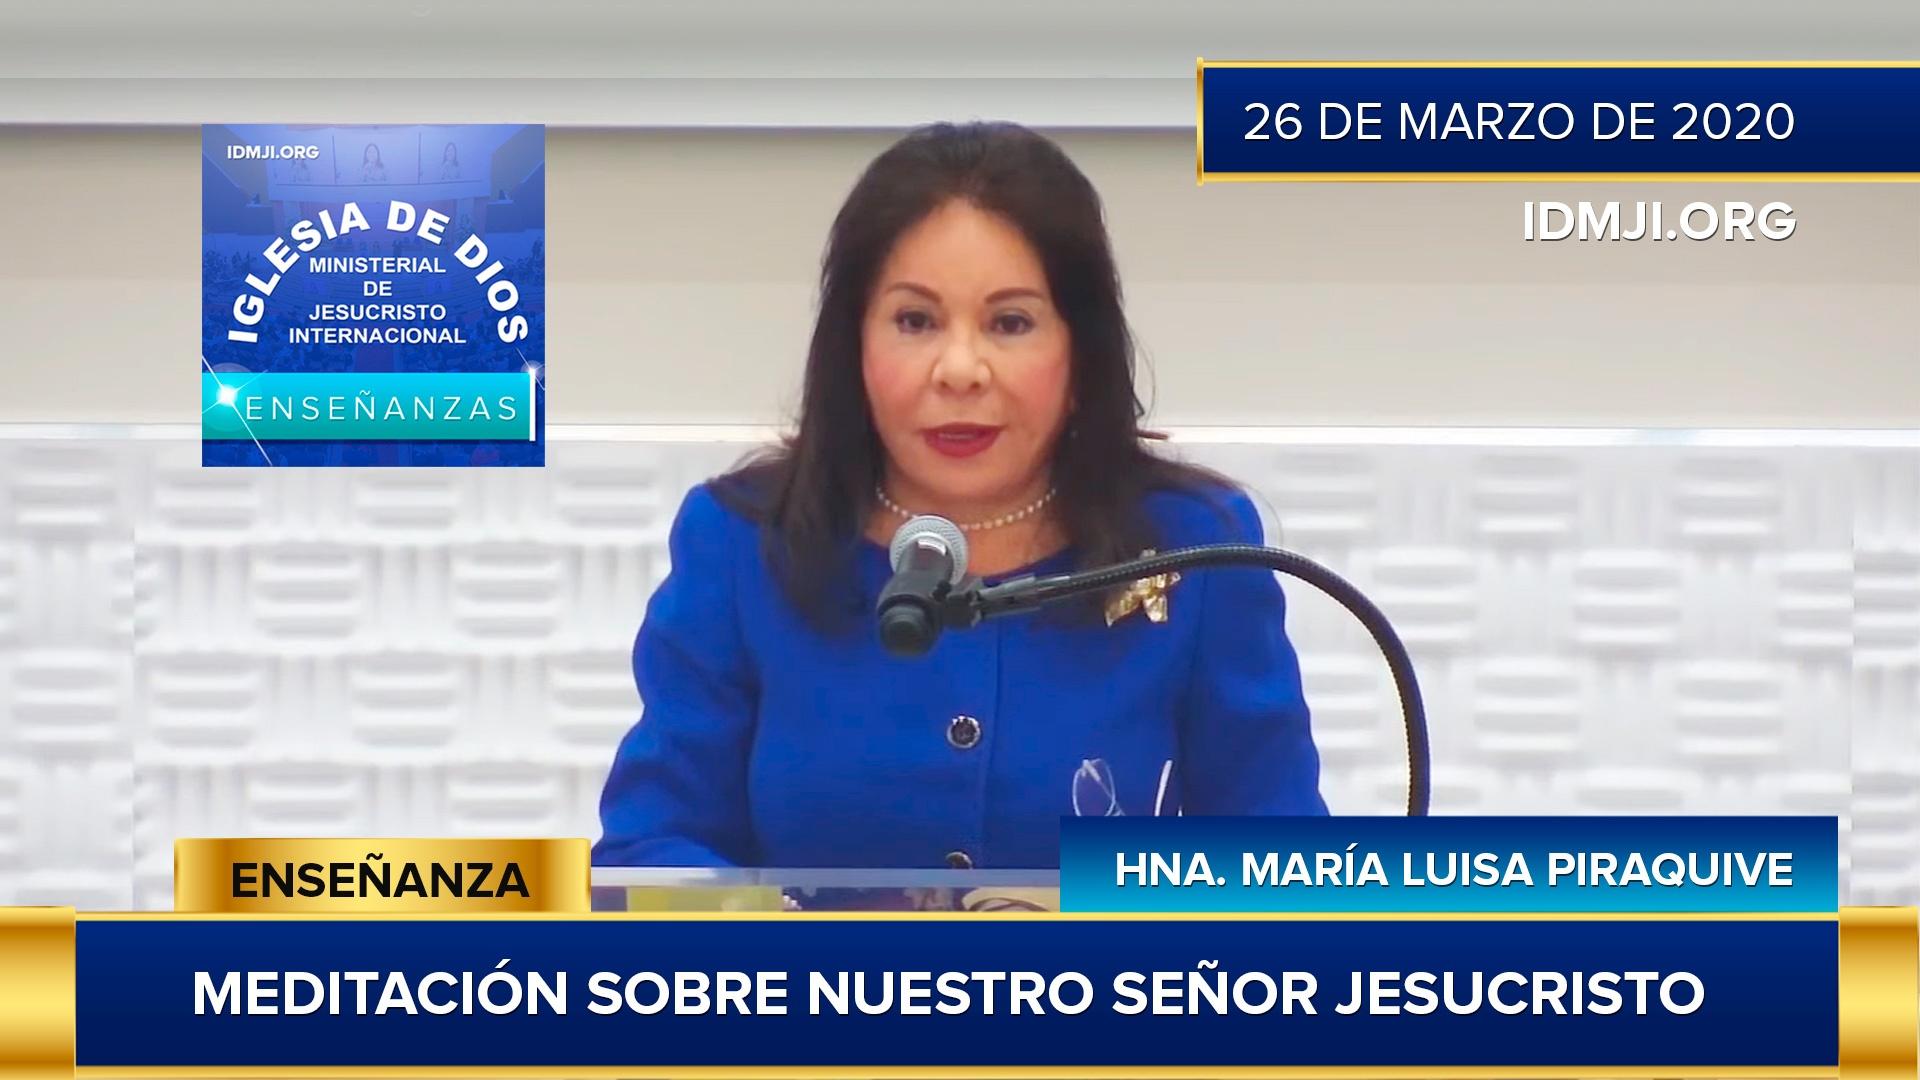 Enseñanza: Meditación sobre nuestro Señor Jesucristo, Hna María Luisa Piraquive, IDMJI, 26/Mar/2020